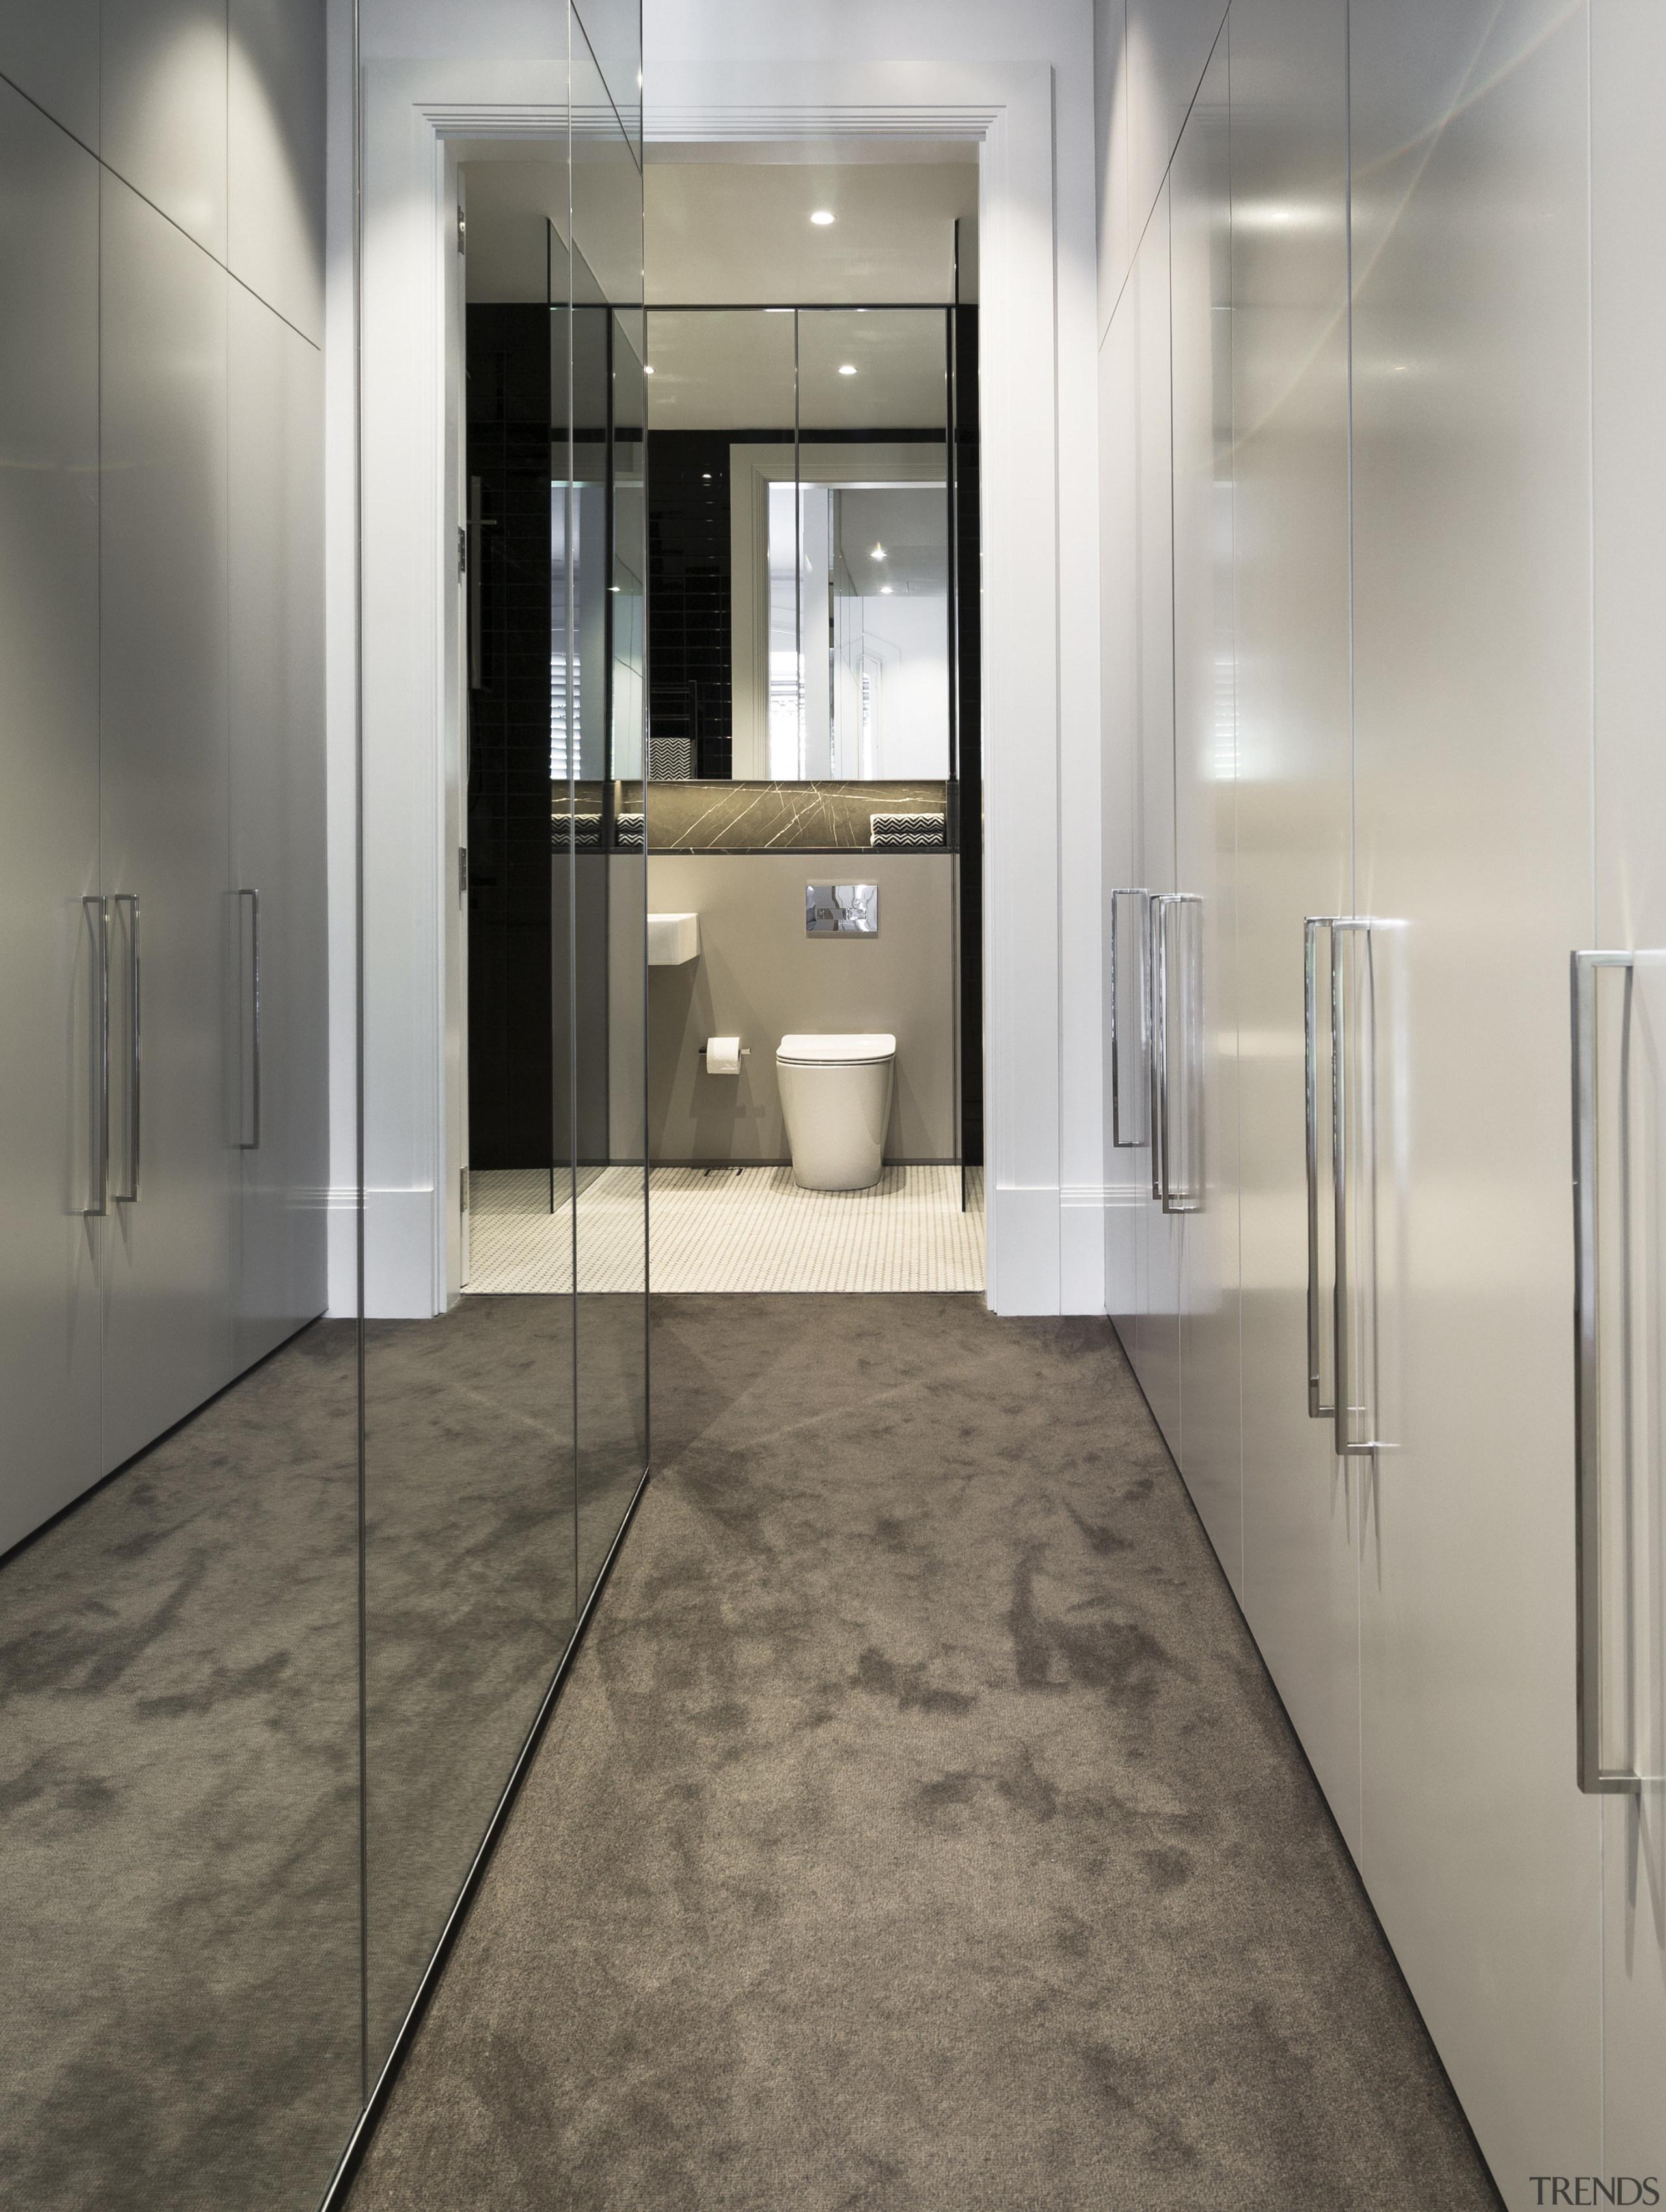 This design optimises space with cupboards built into floor, flooring, interior design, laminate flooring, tile, wood flooring, gray